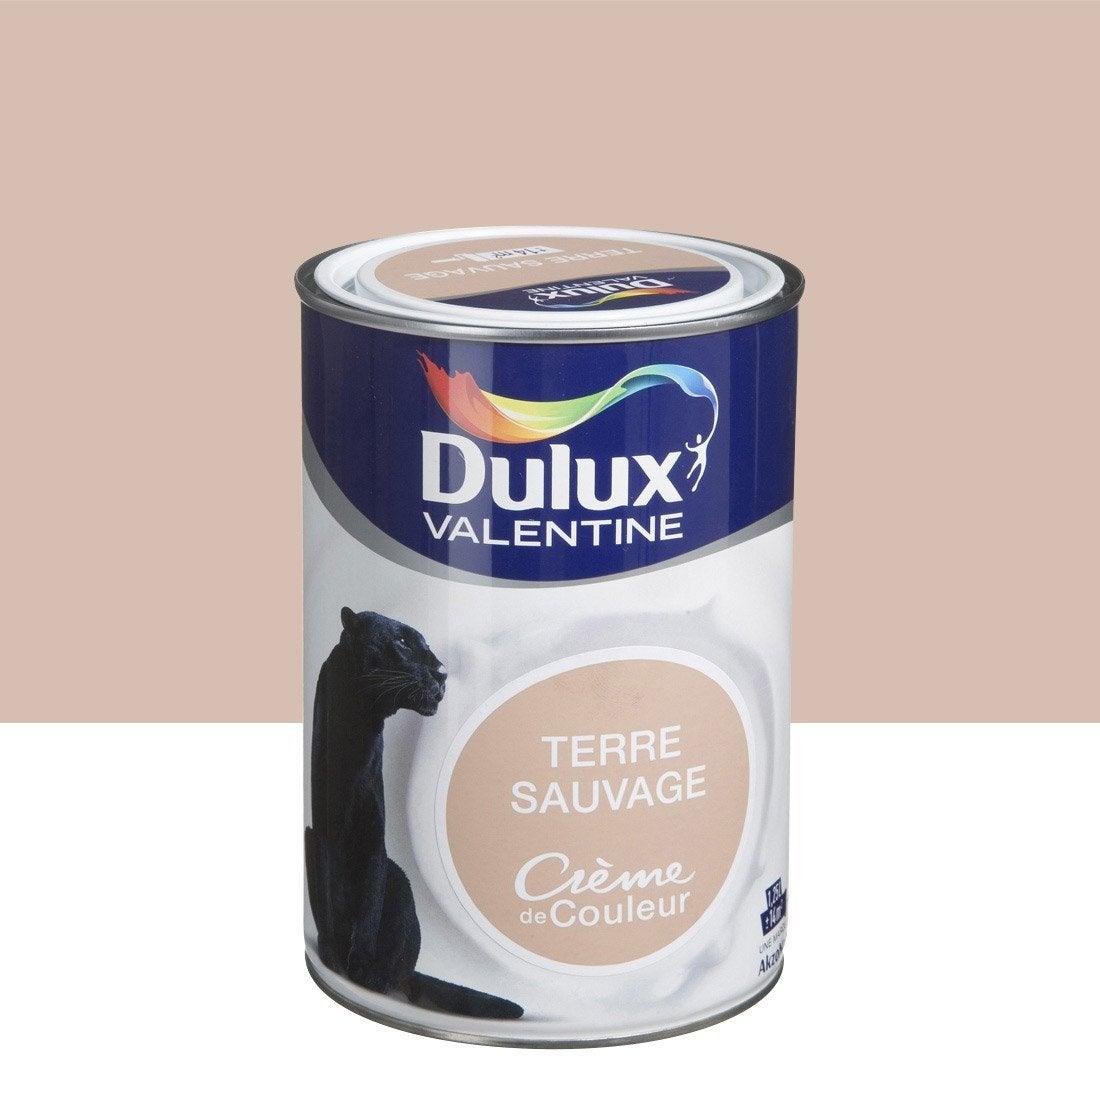 Peinture brun terre sauvage dulux valentine cr me de couleur l leroy merlin - Leroy merlin la valentine ...